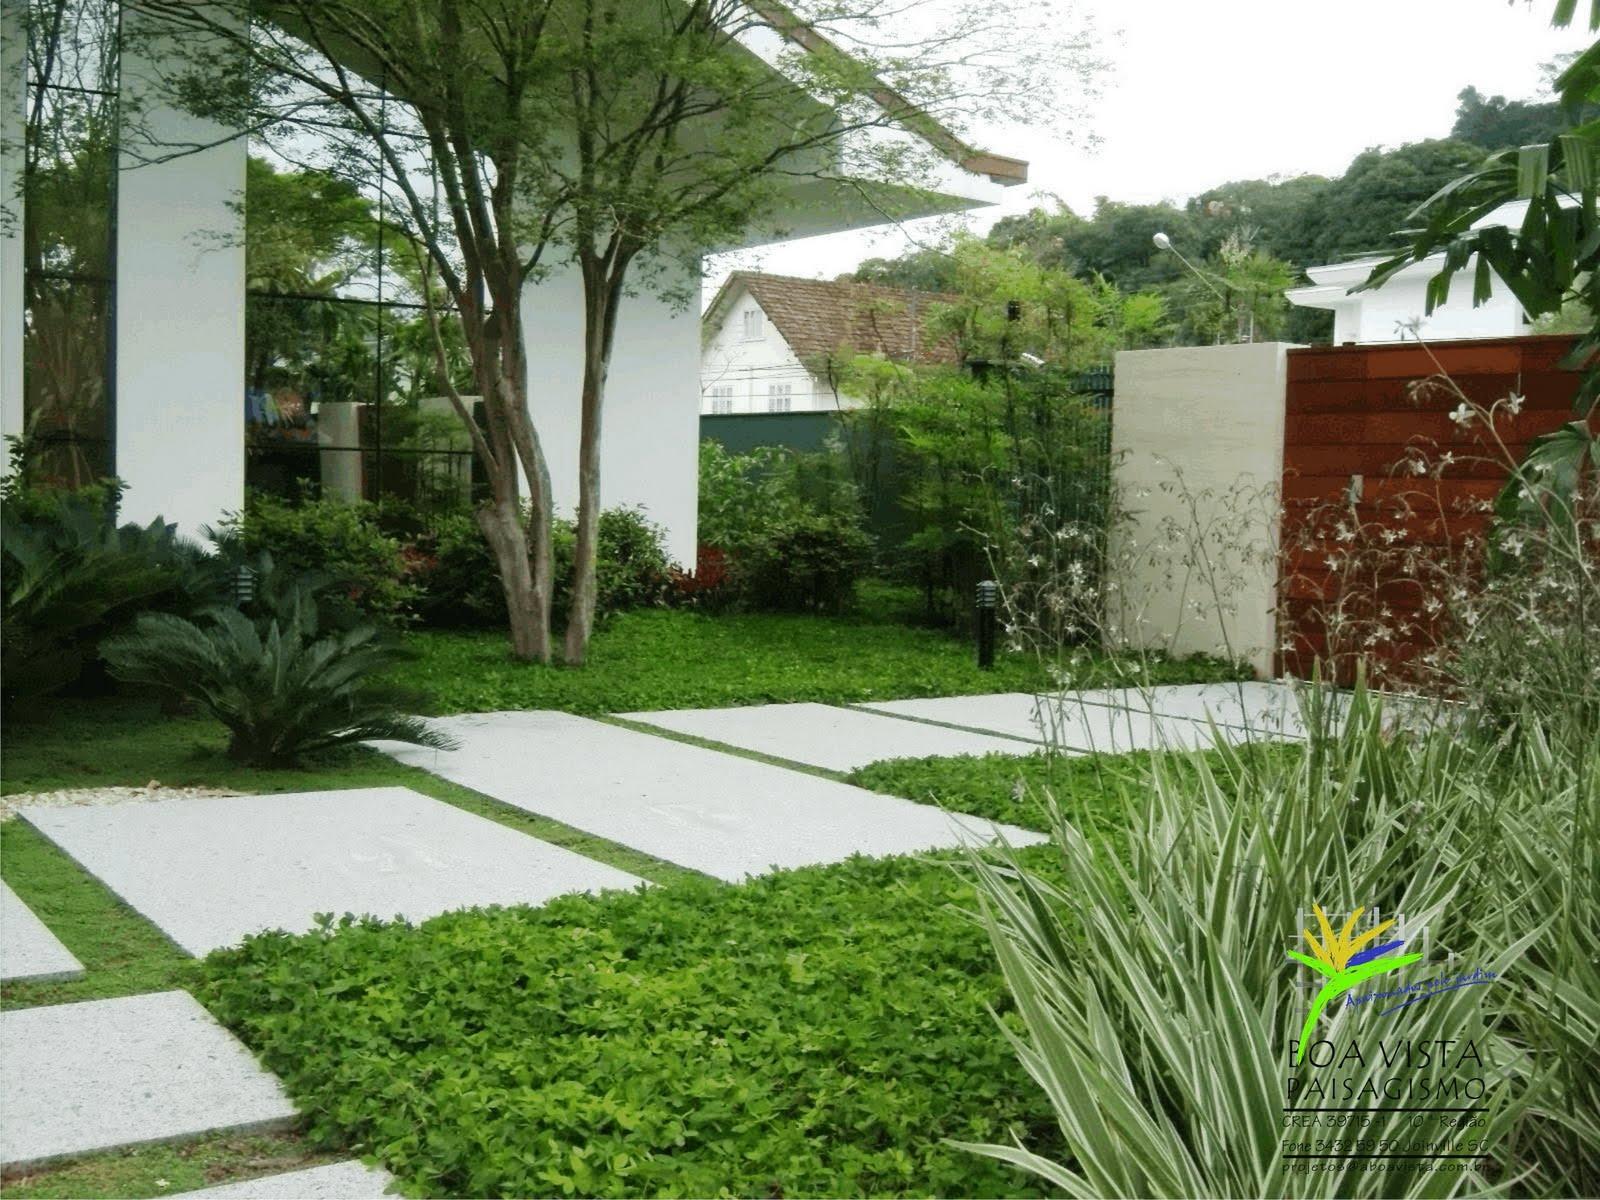 imagens paisagismo jardins:Boa Vista Projetos de Paisagismo: Outubro 2011